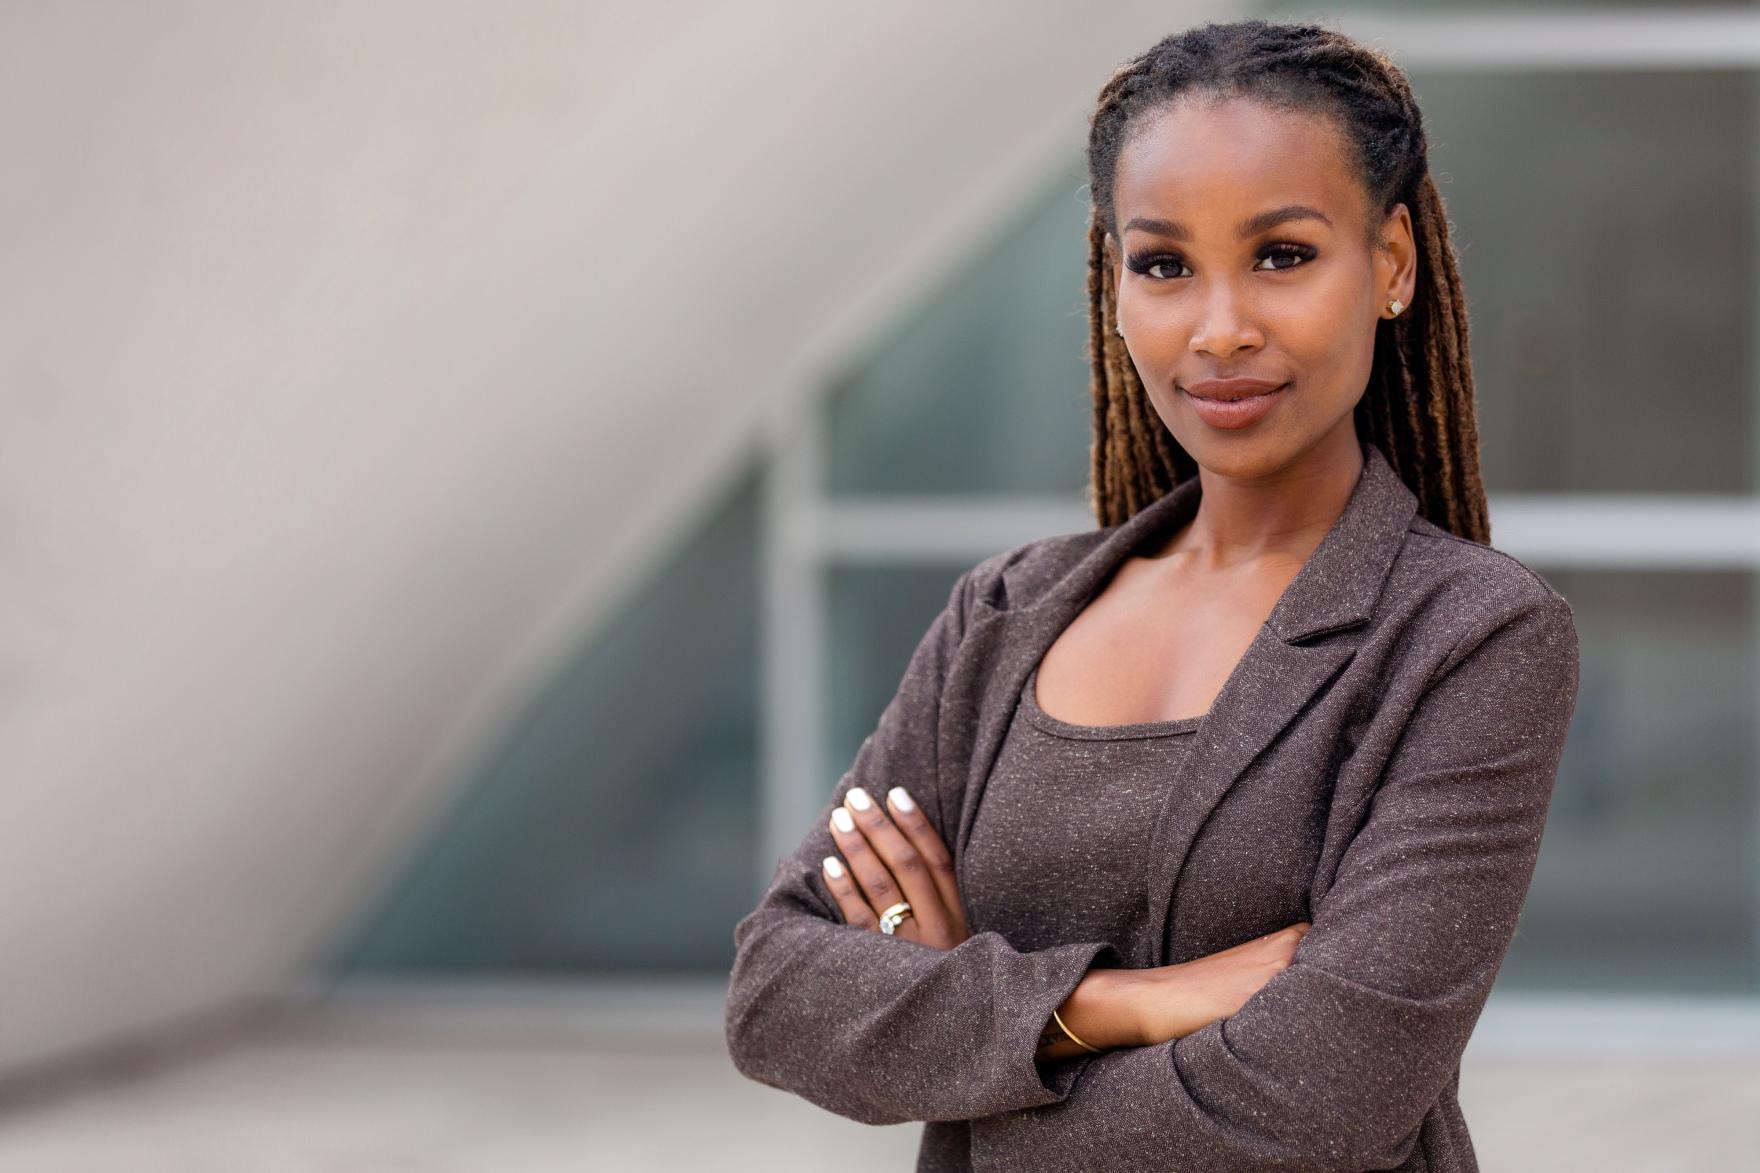 Inclusão racial e mercado de trabalho: entenda os desafios